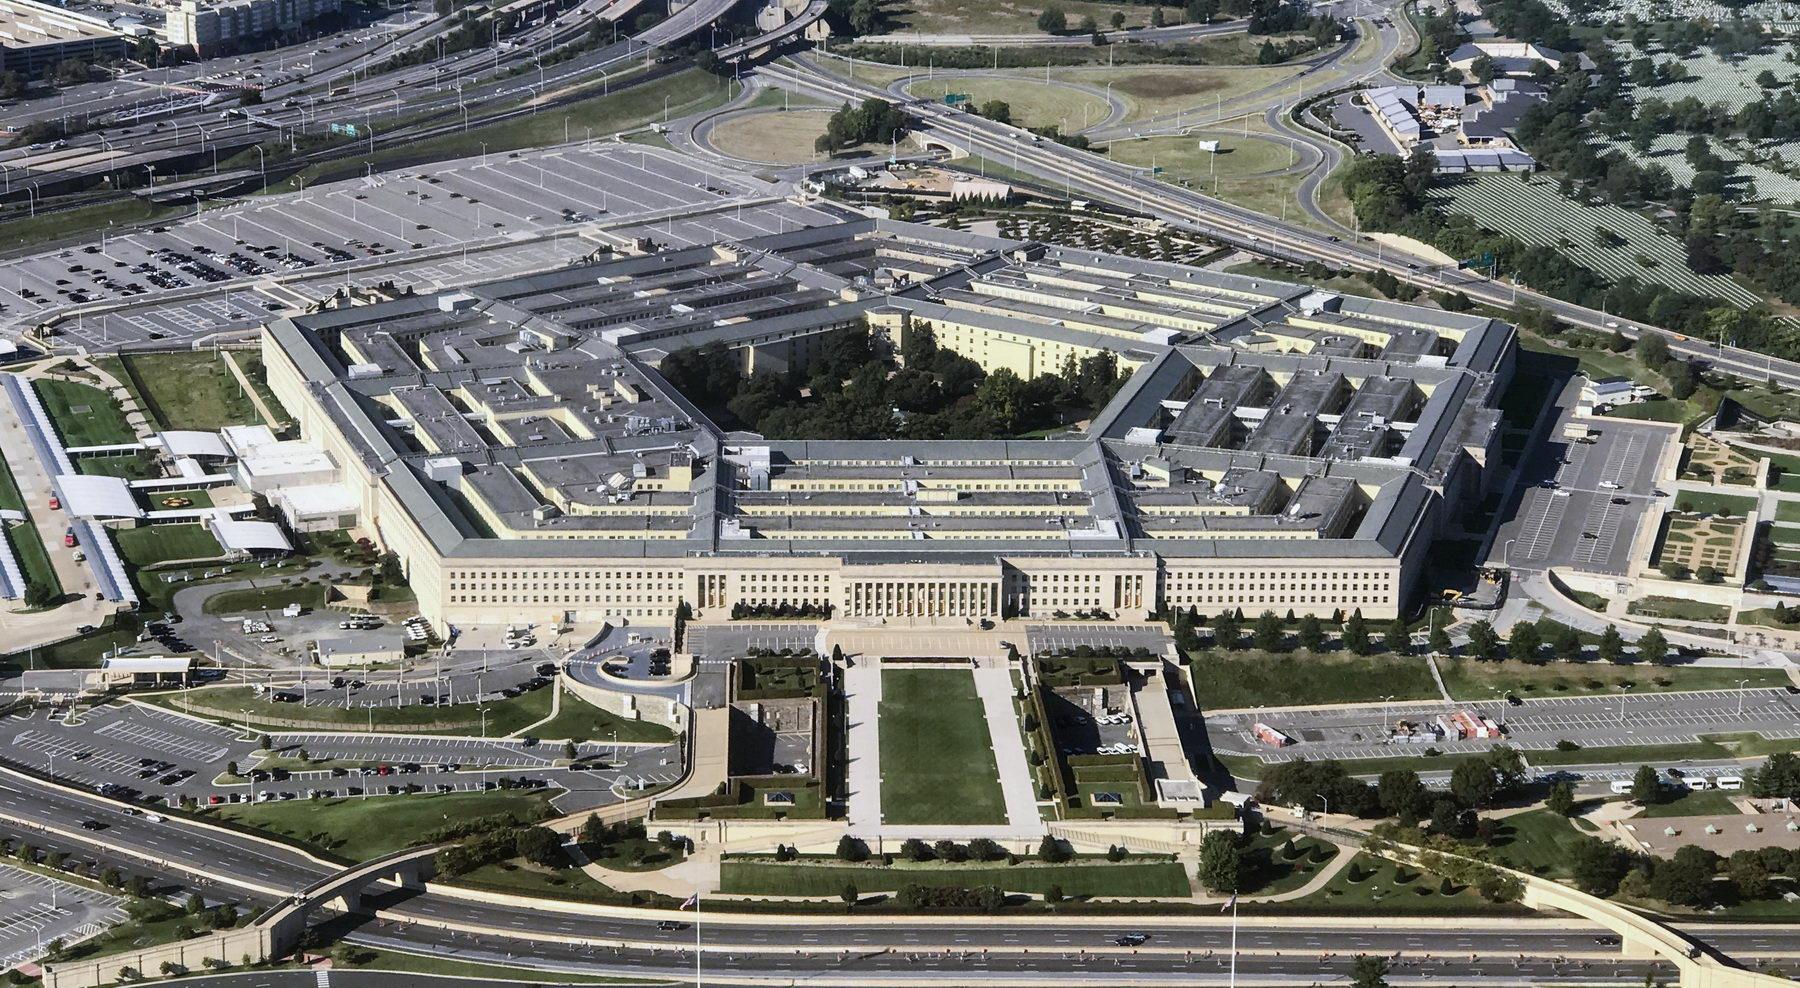 Похищены данные 30 000 сотрудников Министерства обороны США